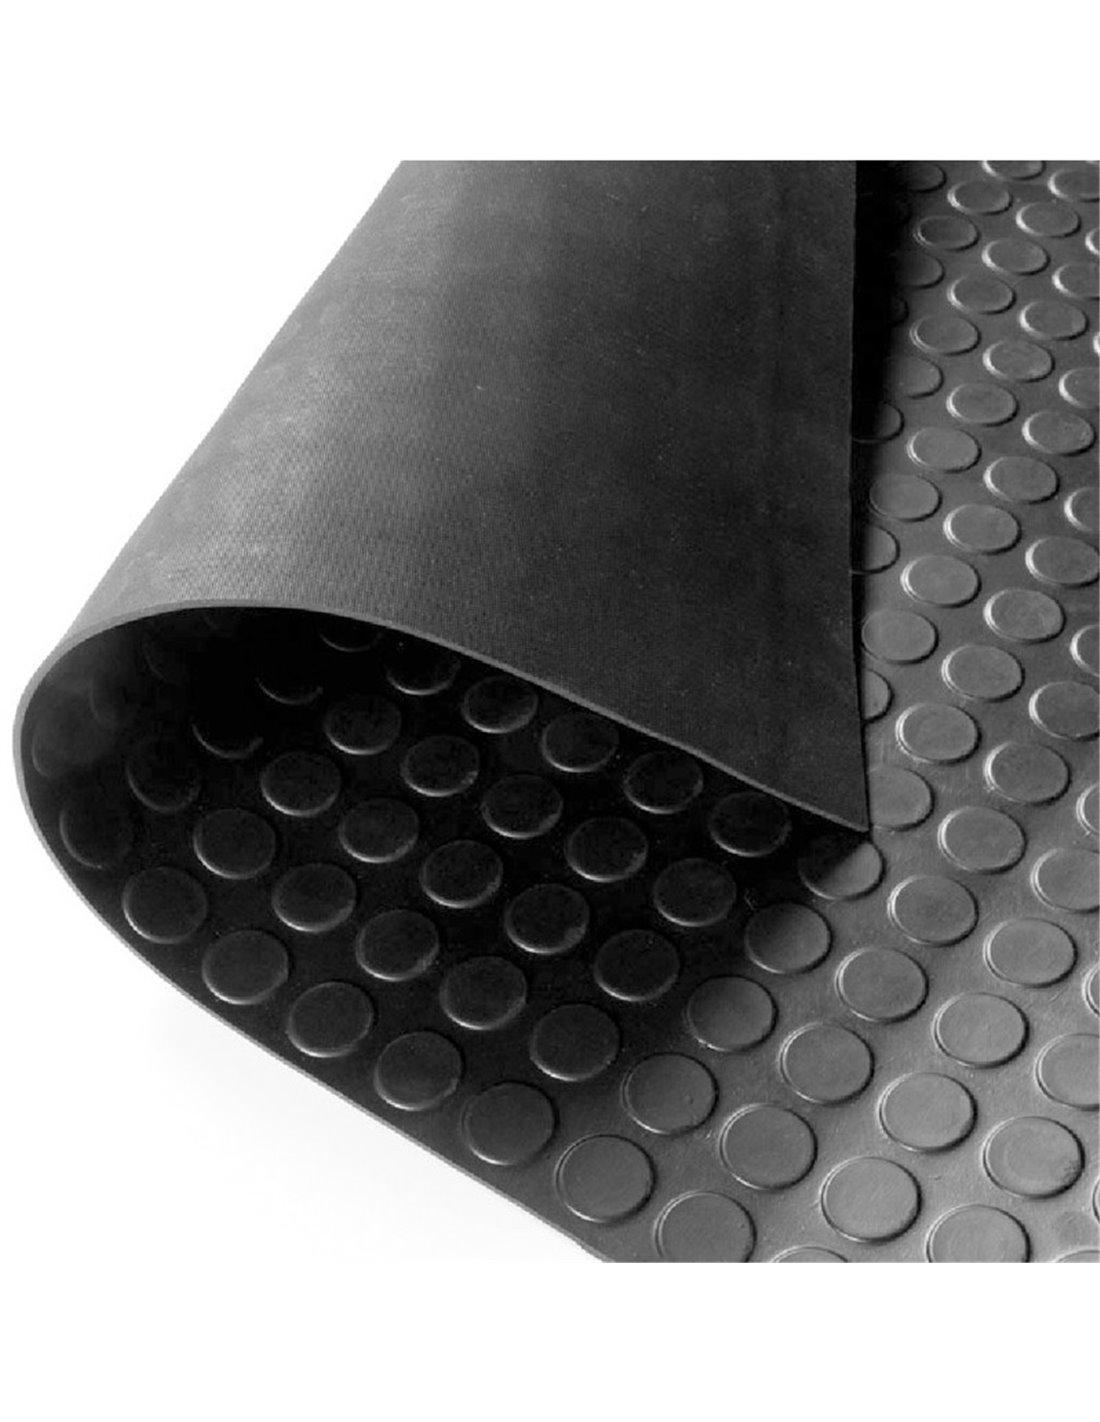 Alfombras de Caucho Resistentes Suelo de Goma Antideslizante 3mm Aislamiento T/érmico y Ac/ústico etm Rollos Caucho para Suelo Acanalado Amplio 100x100 cm